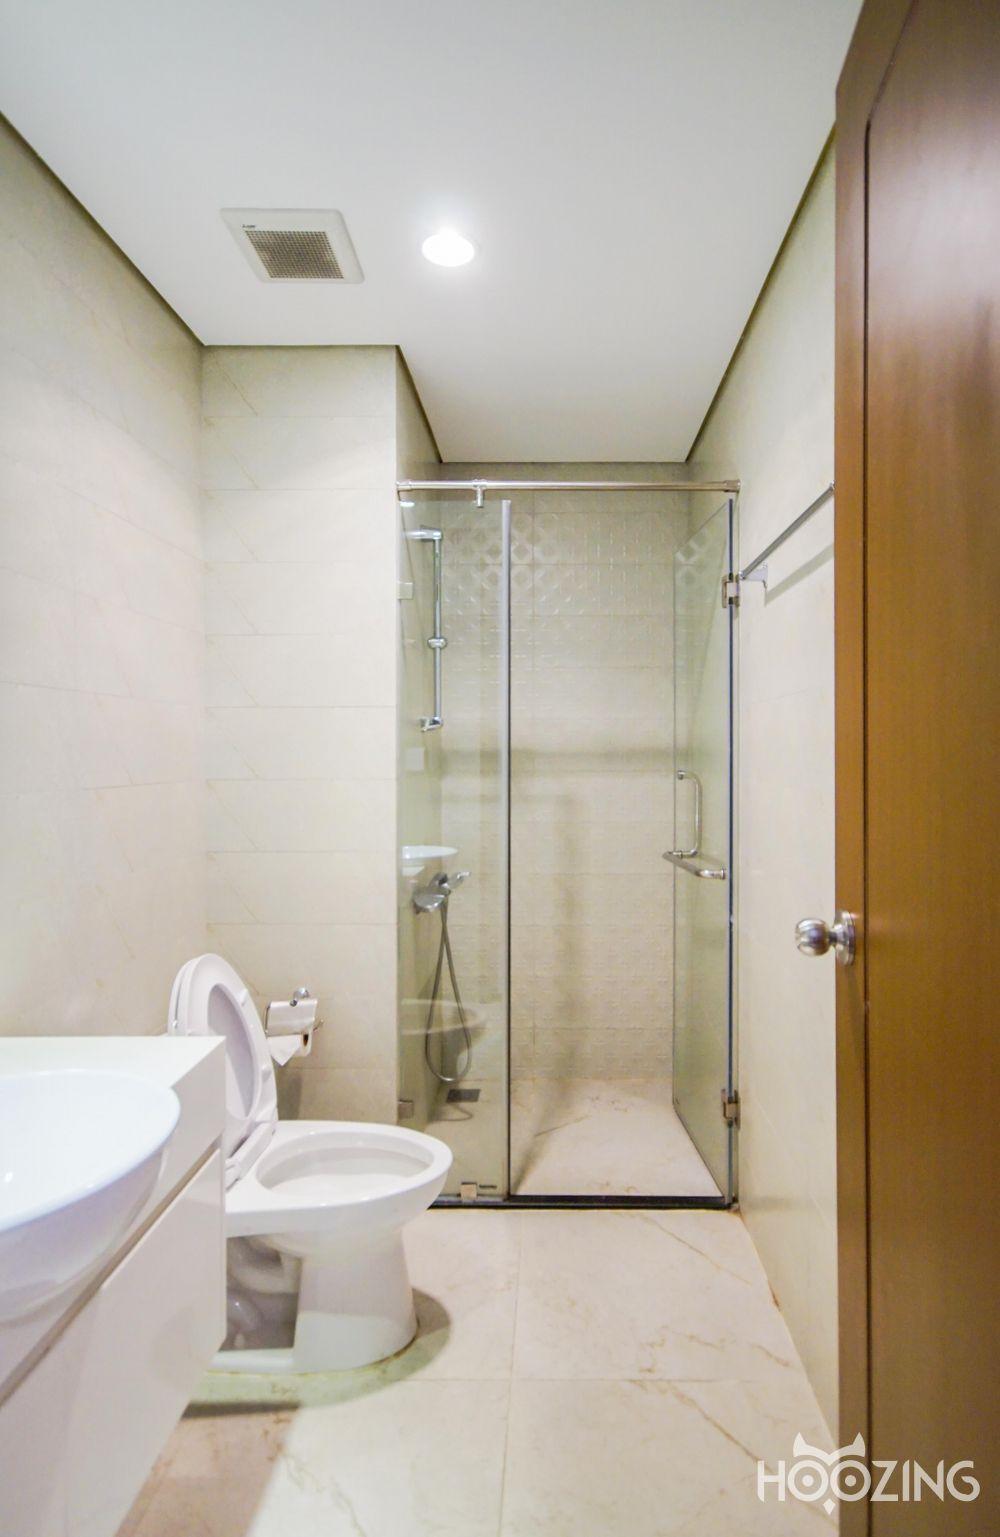 Vinhomes Central Park Apartment 2 Bedrooms for Rent - Sparkling Furniture